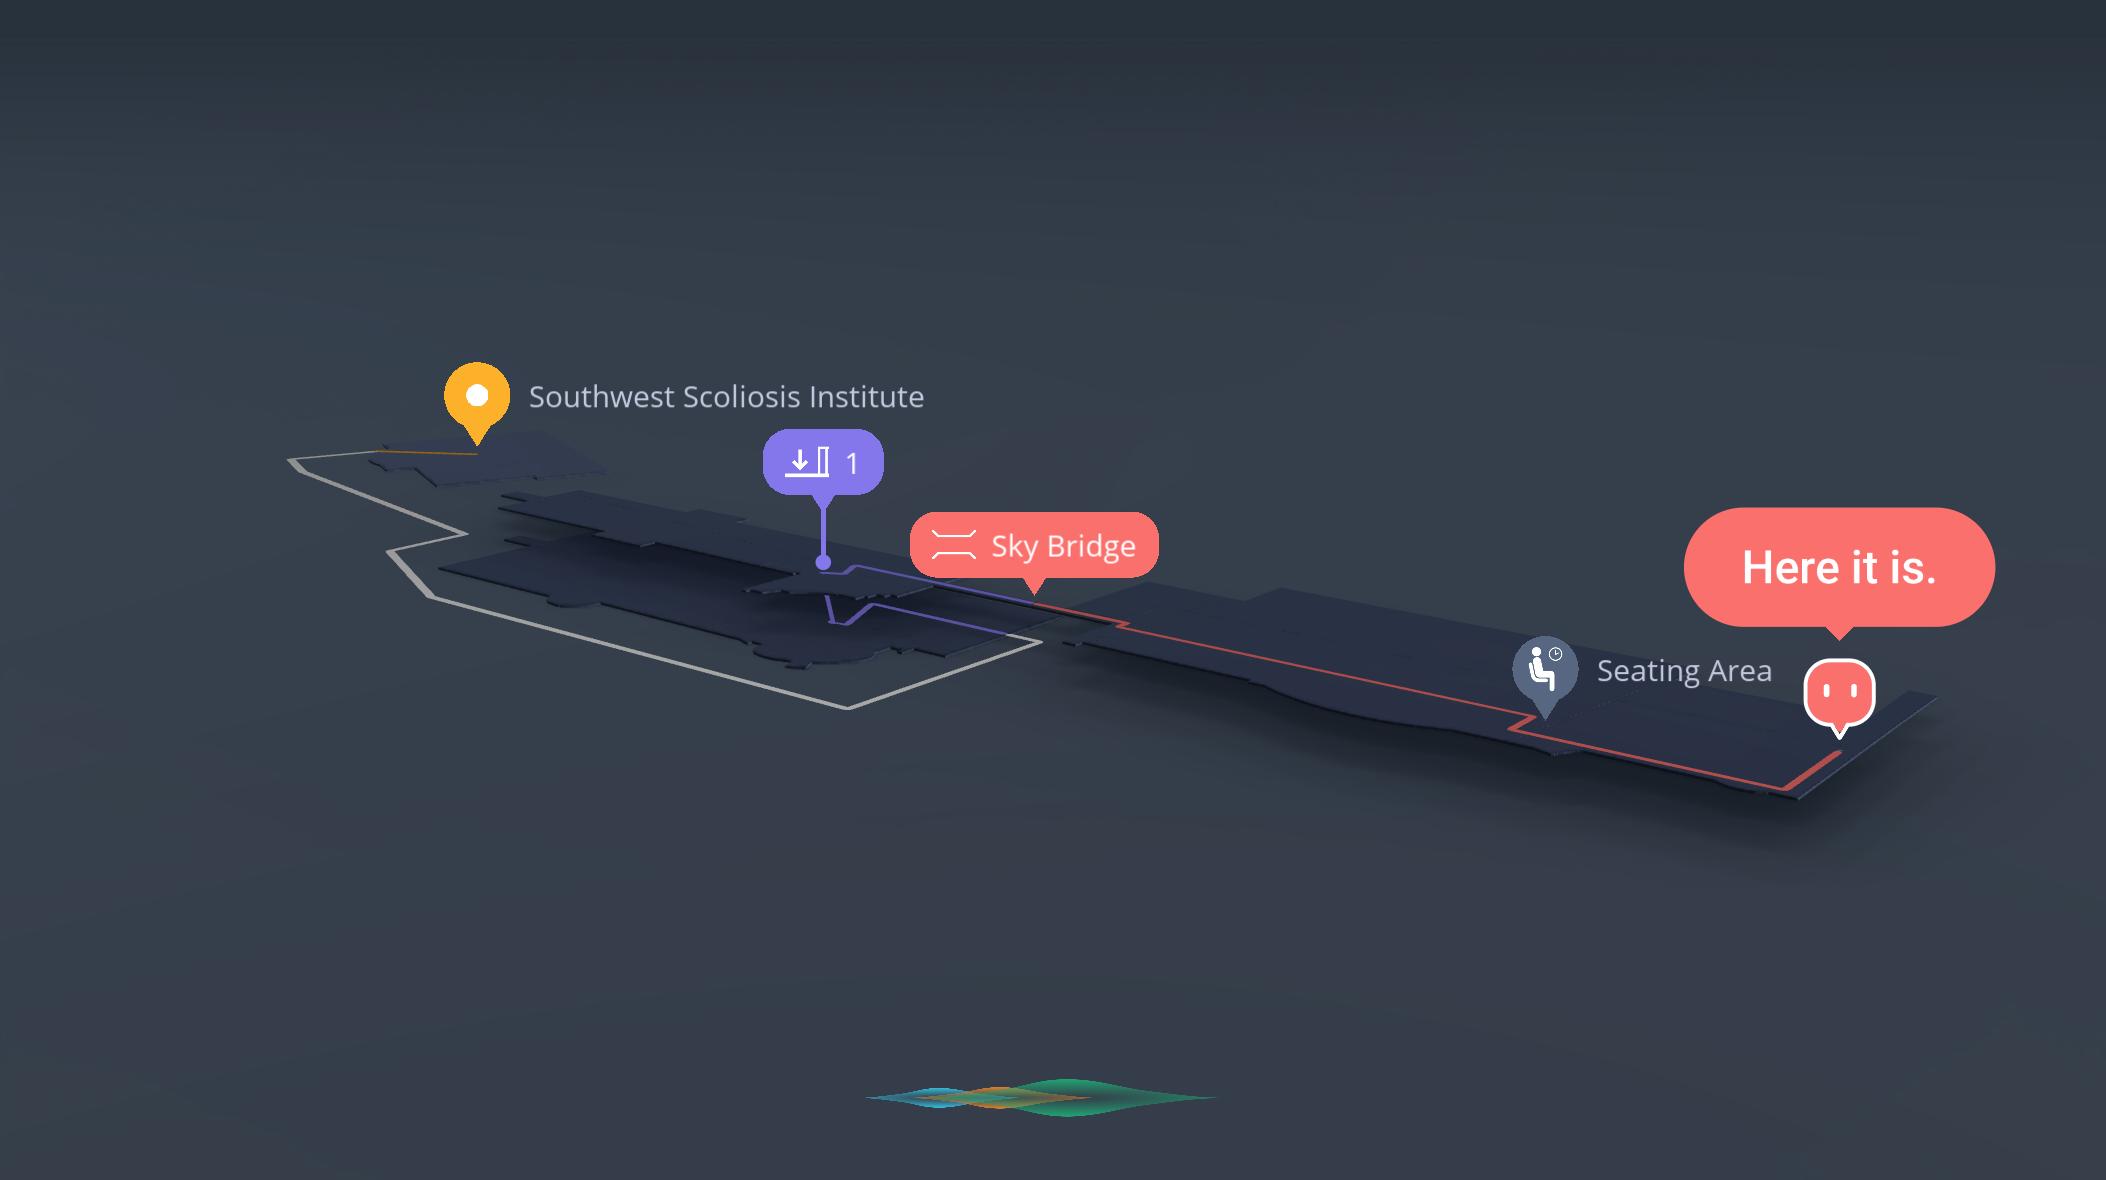 Interactive indoor wayfinding route